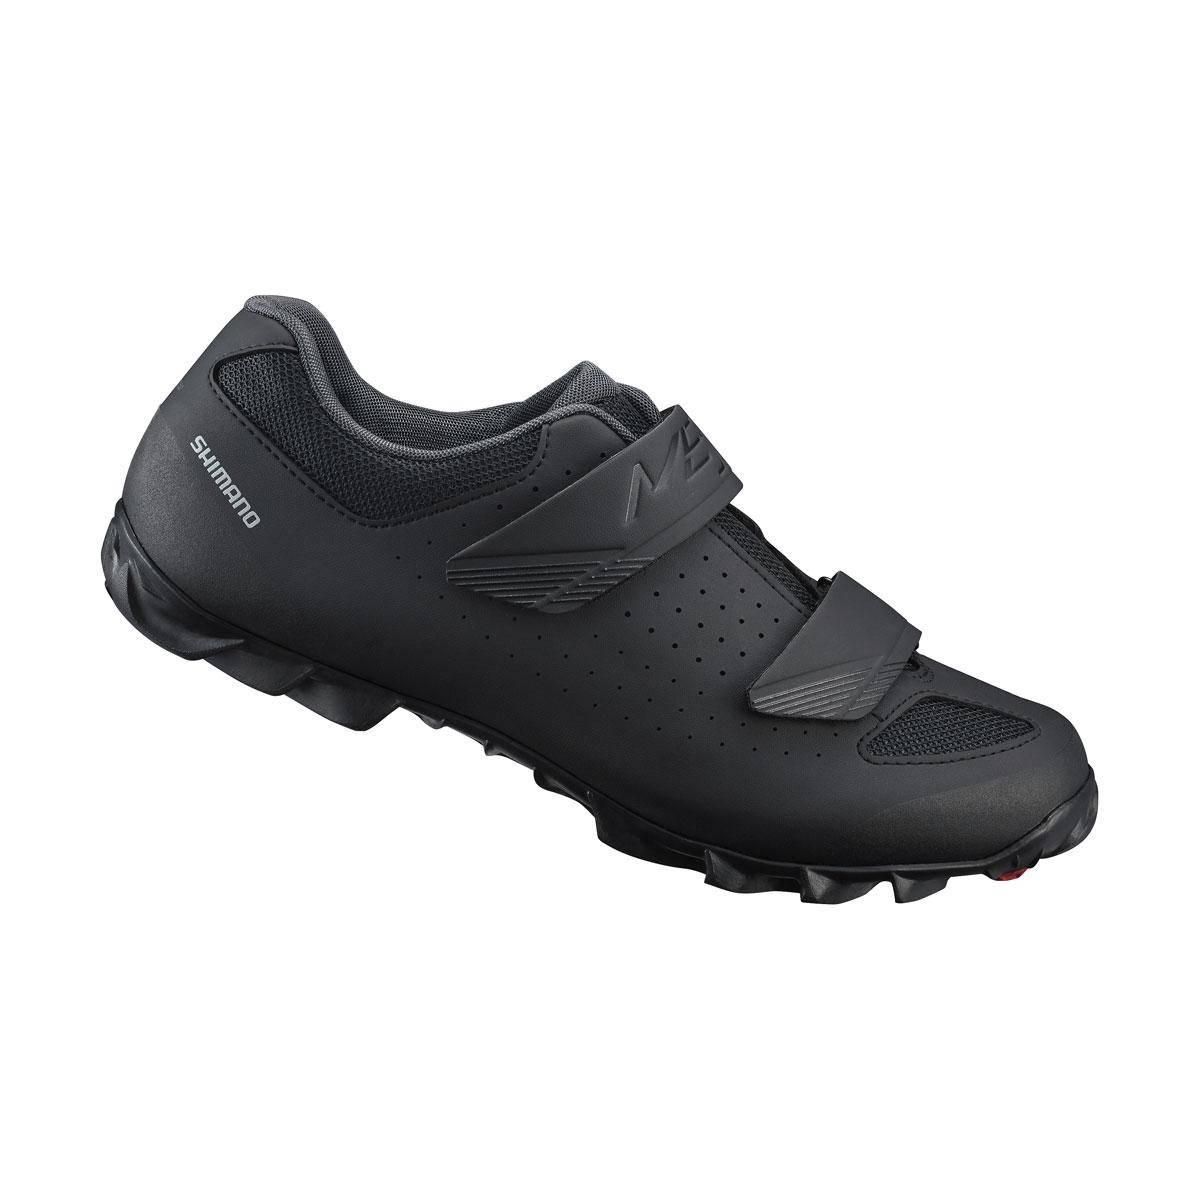 Shimano MTB obuv SH-ME100ML, černá, 42